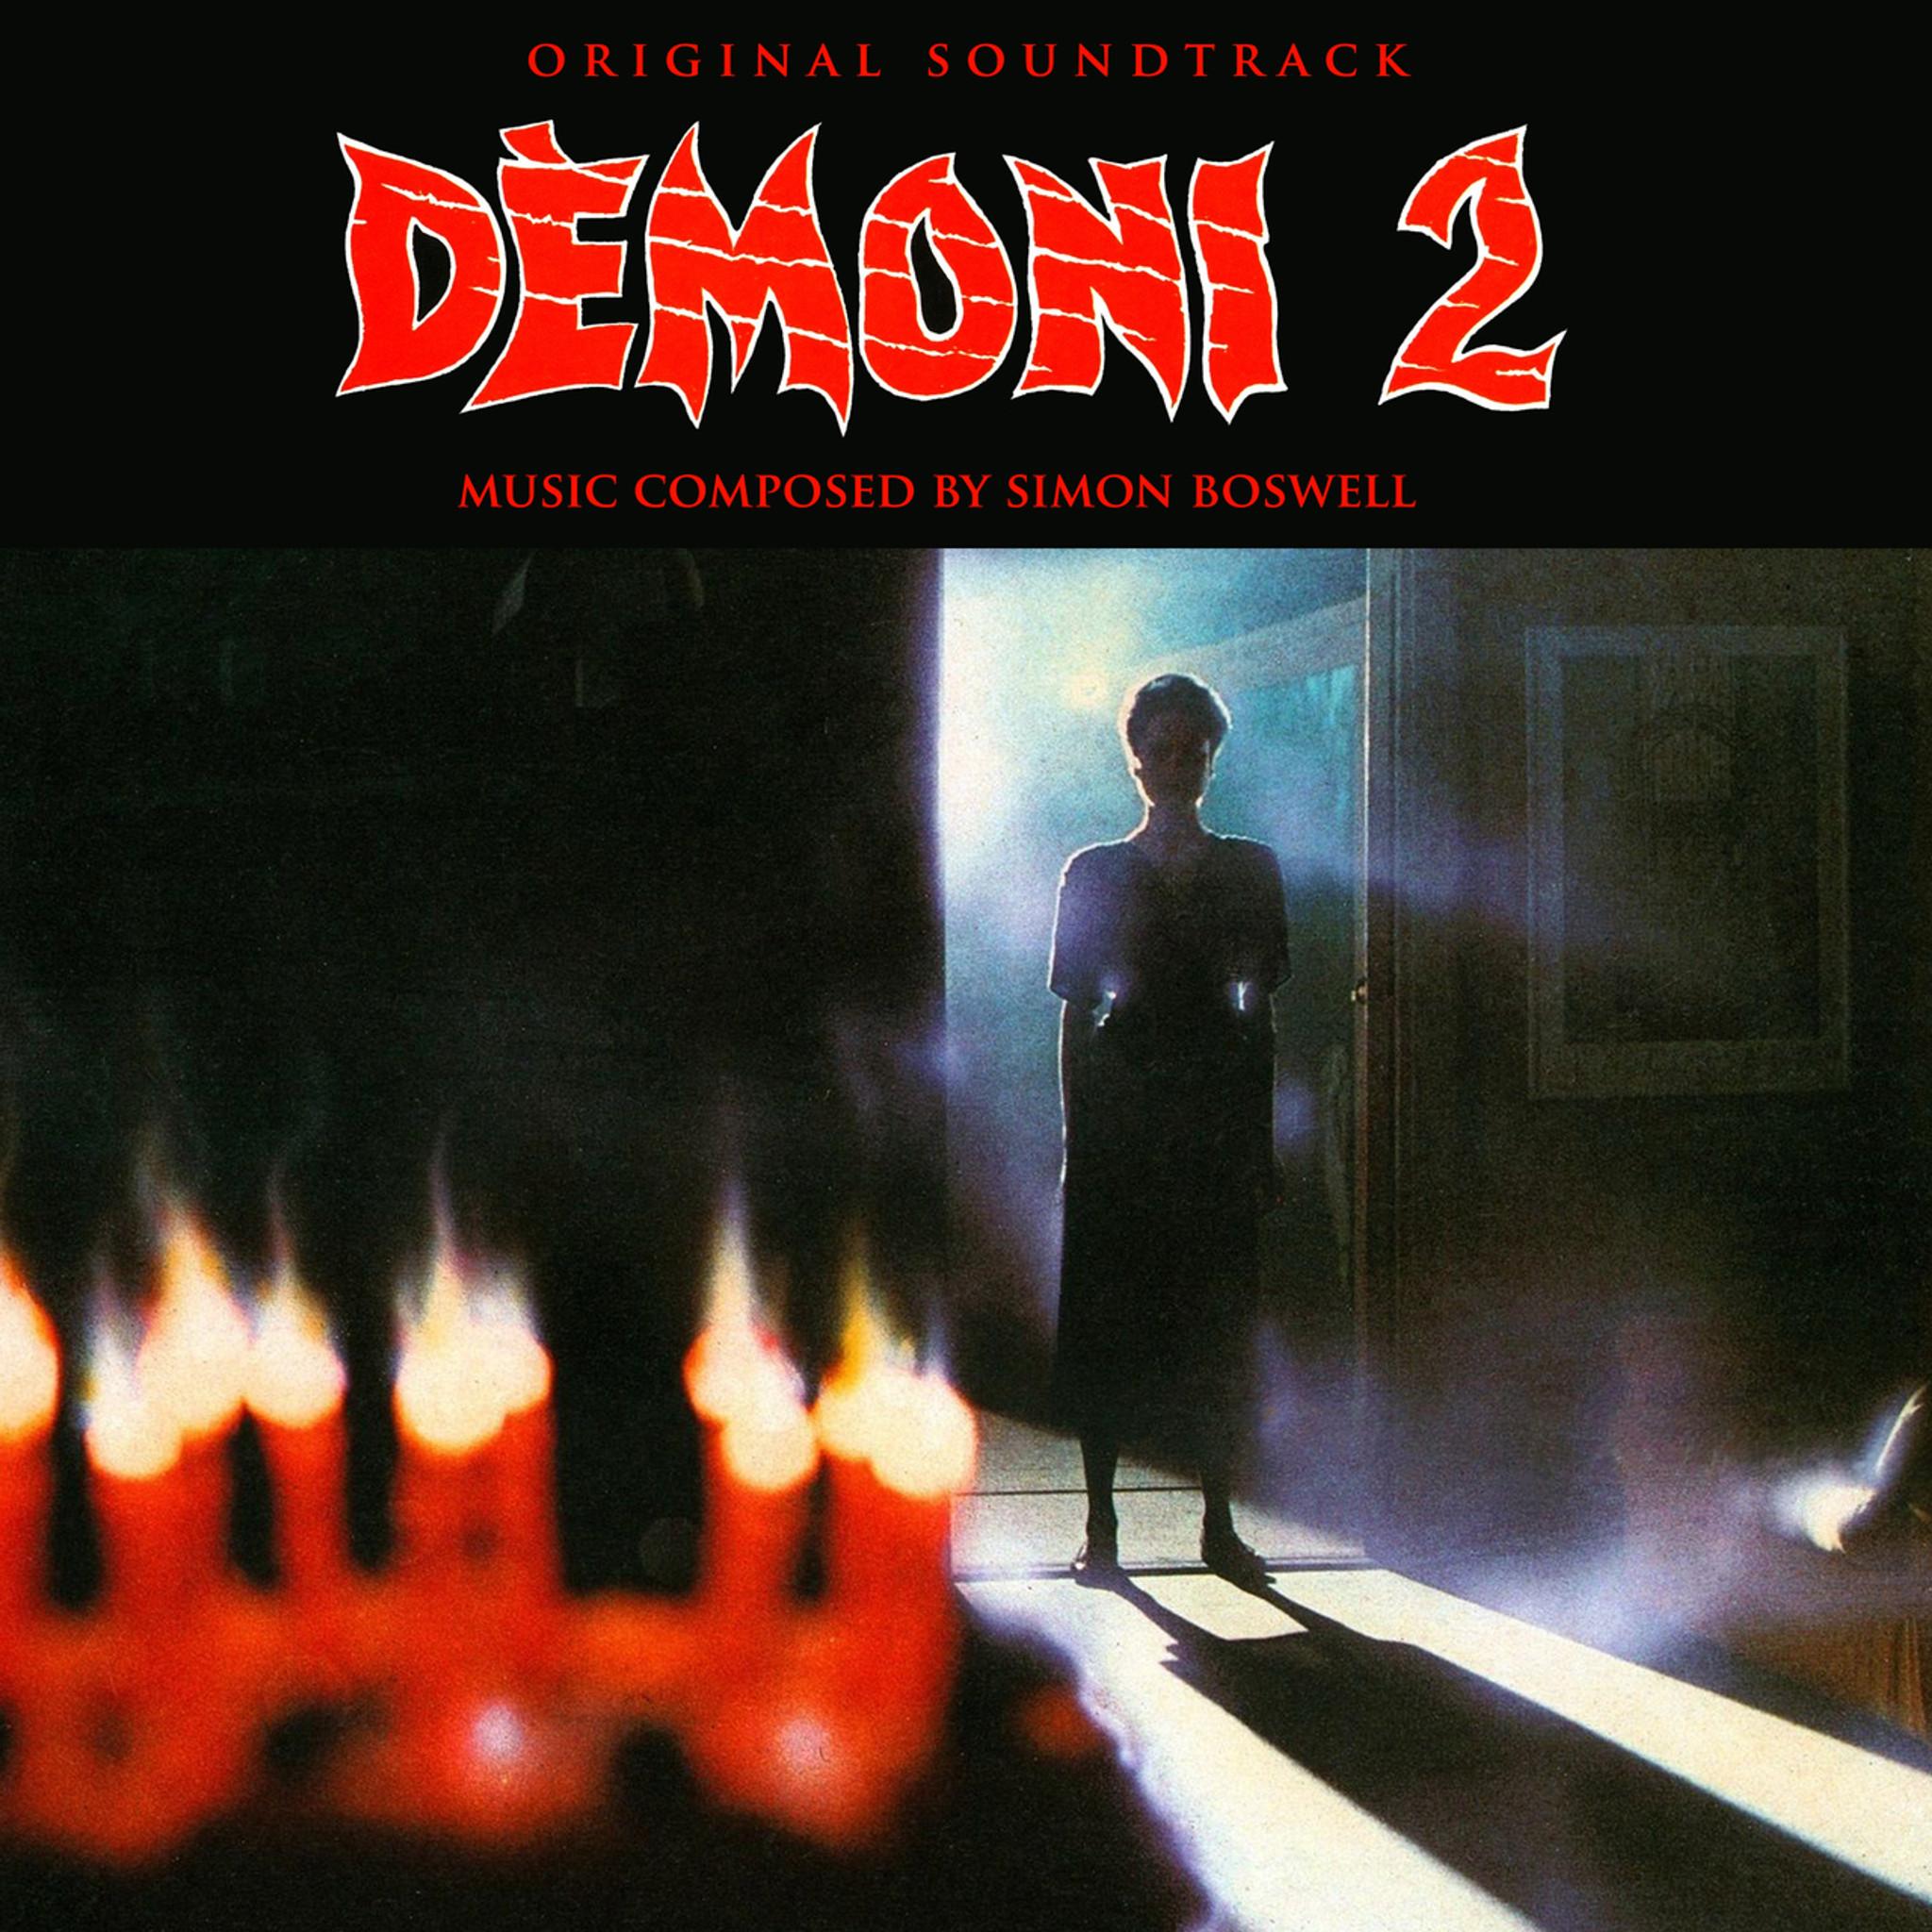 SIMON BOSWELL: Demons 2 (Original Soundtrack) (Red Vinyl) LP